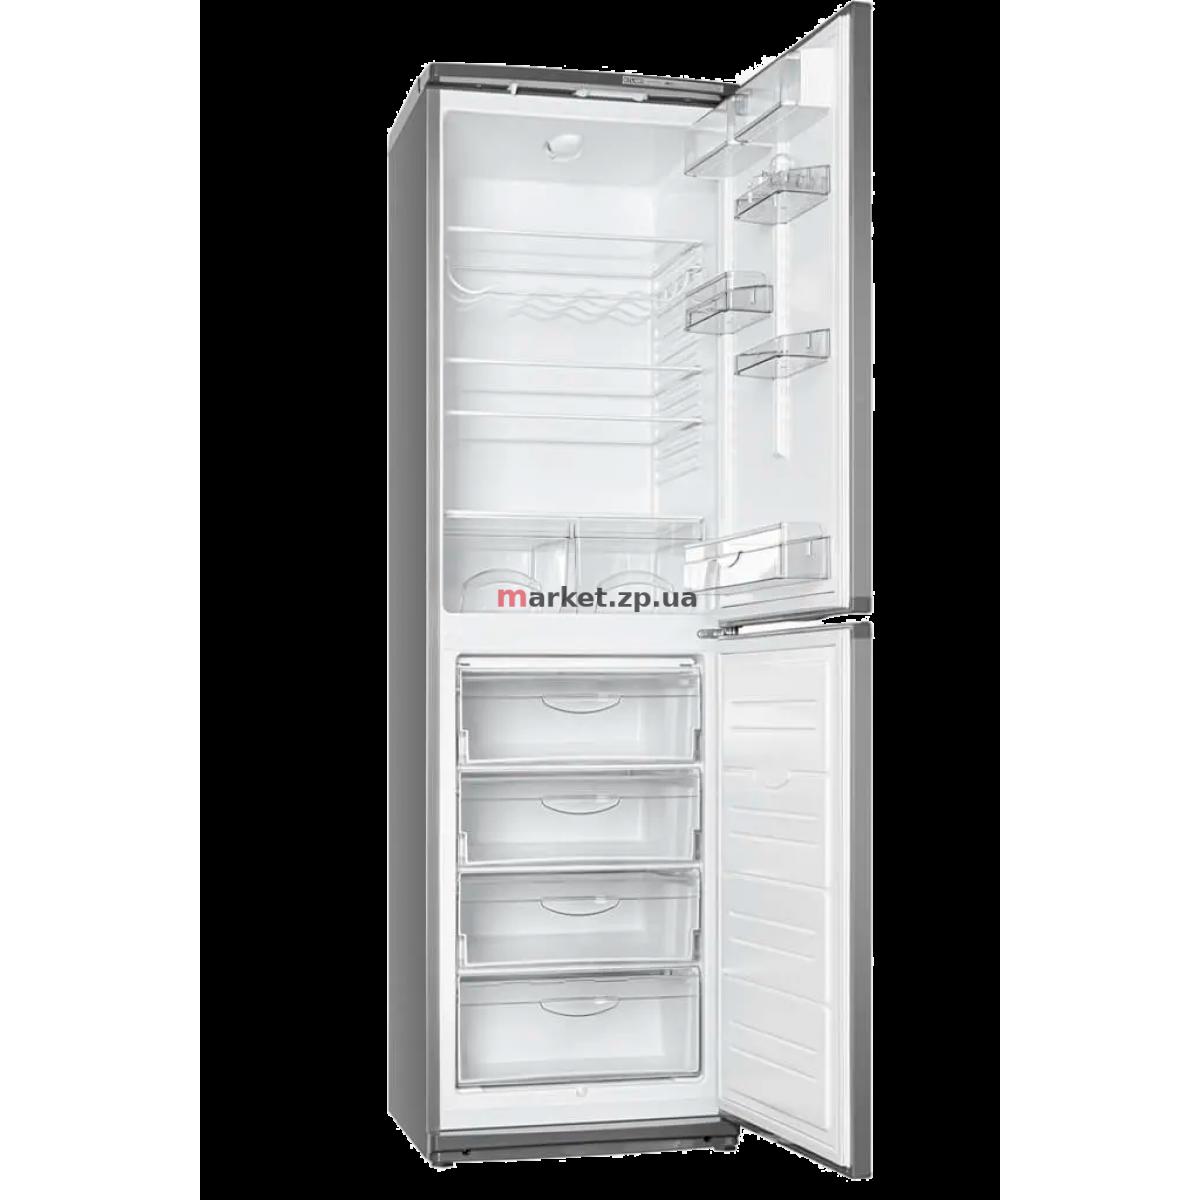 Холодильник ATLANT XM-6025-562